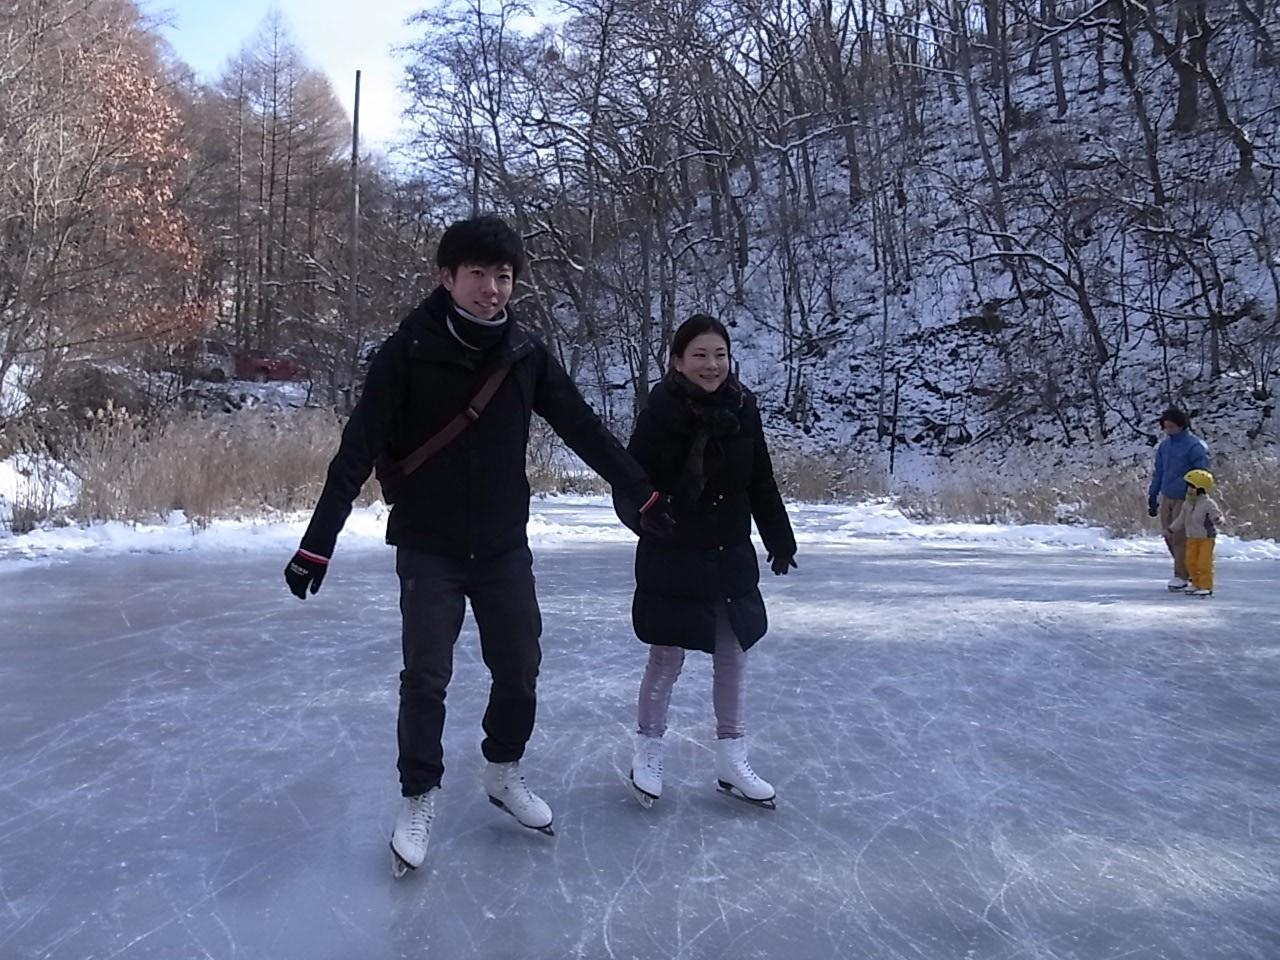 冬の軽井沢で楽しめるスポーツ5選!実はスキーだけじゃない!